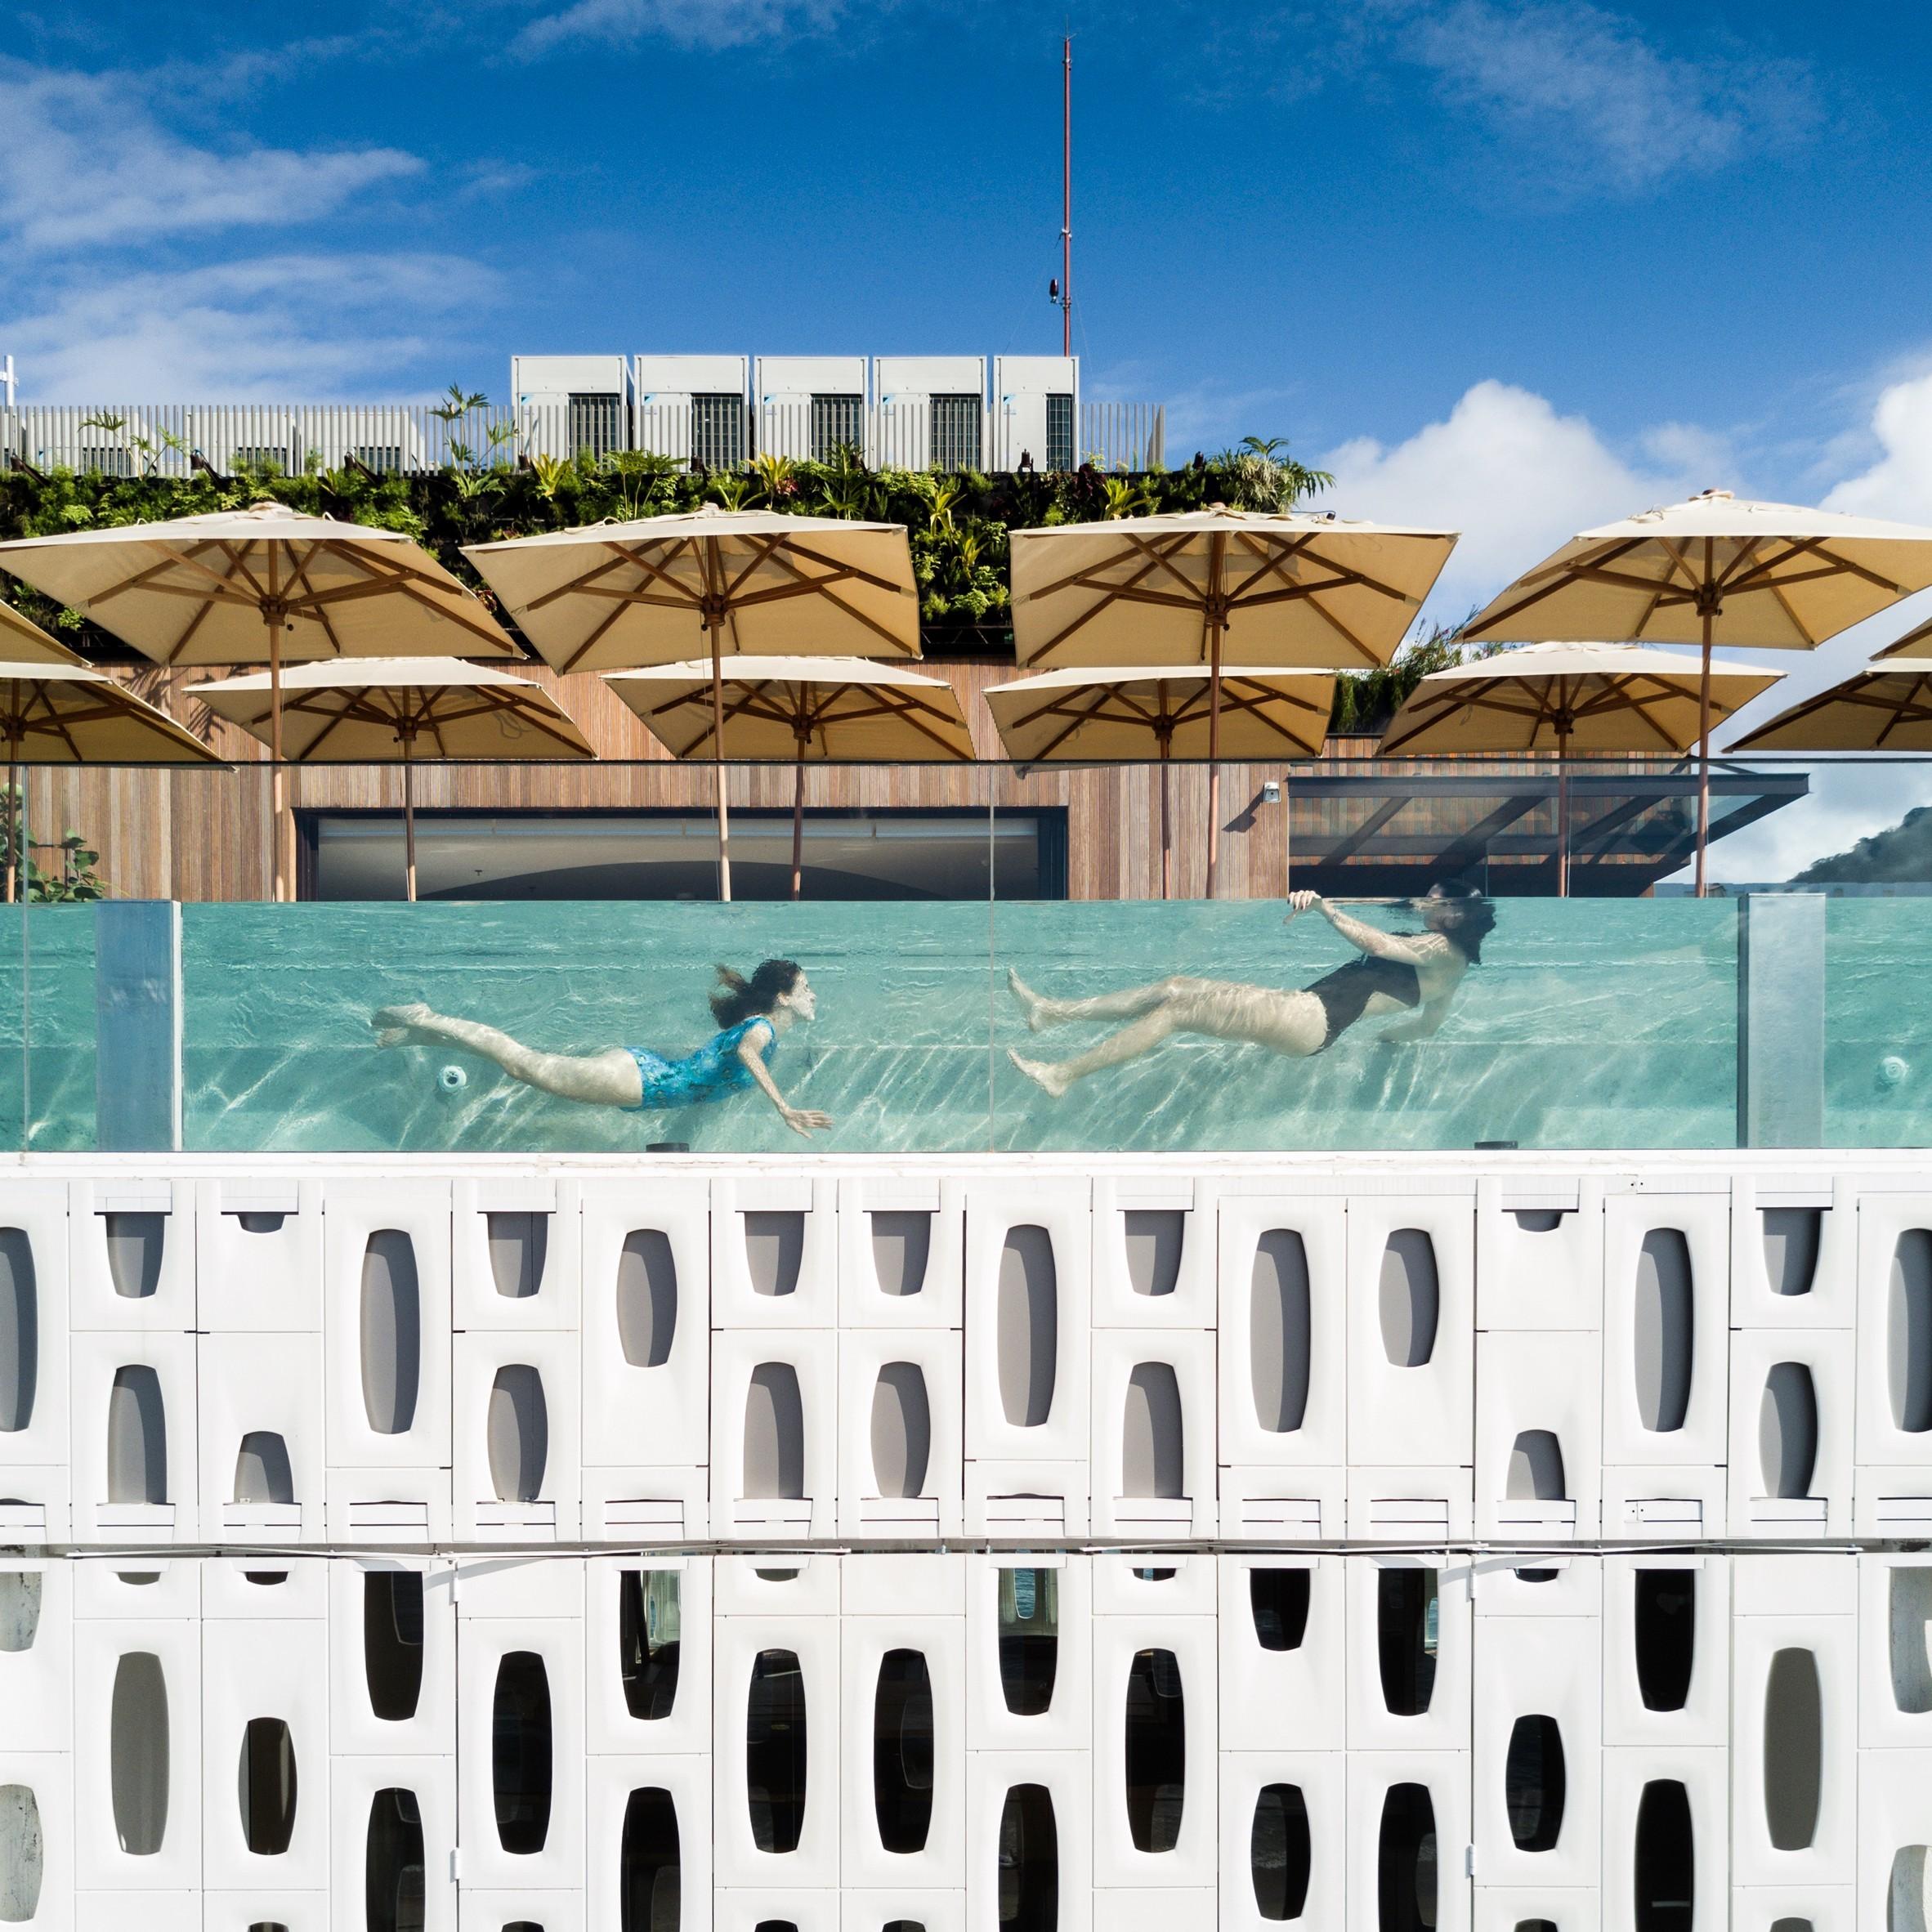 luxushotels konzept mit schwimmen